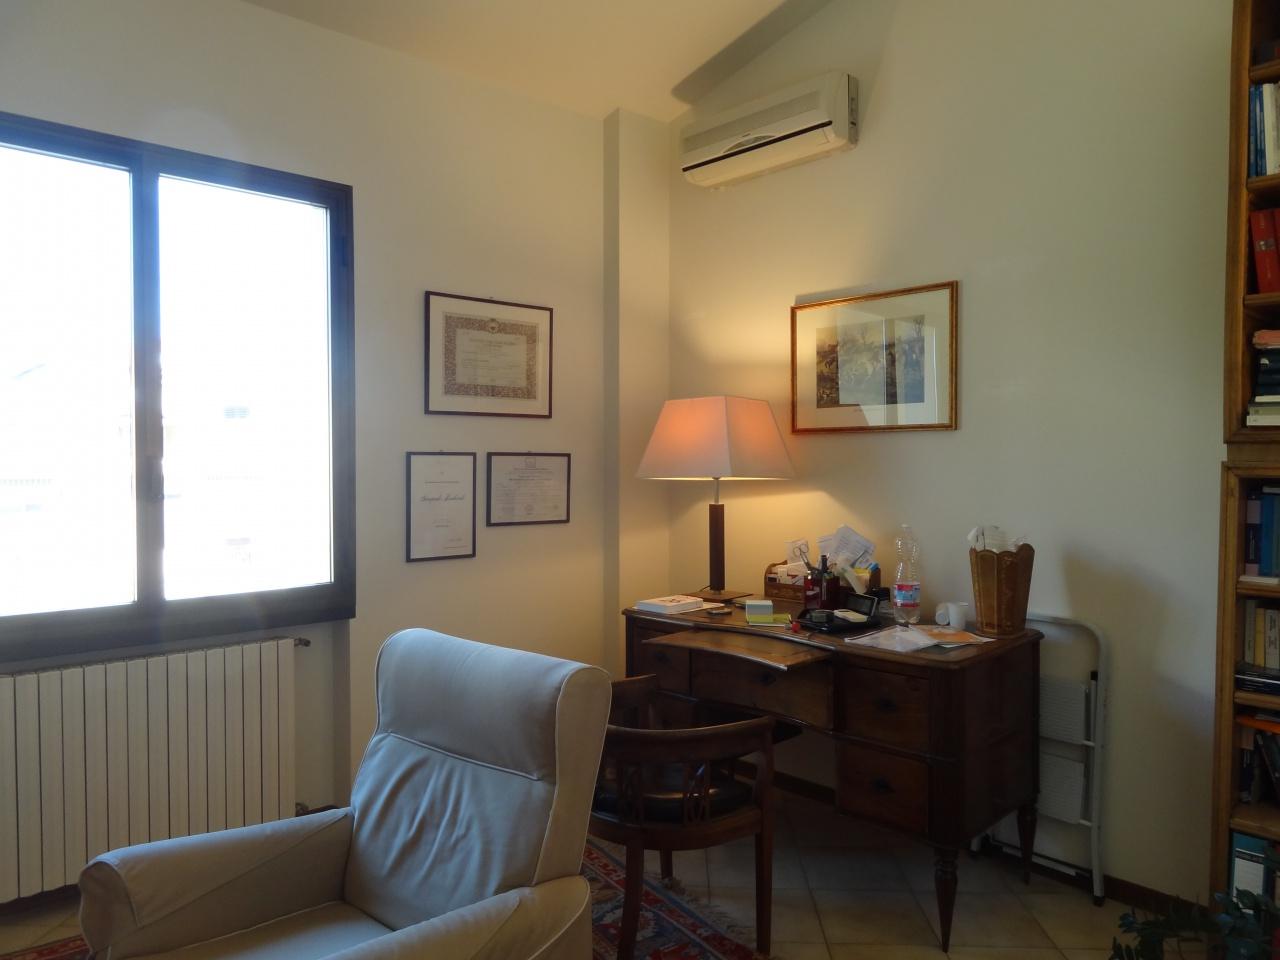 Ufficio composto da ingresso, 2 stanze, bagno, ripostiglio, termosingolo, aria condizionata, ascensore; misura circa 50 mq. e viene affittato parzialmente arredato. Rif. 10963800